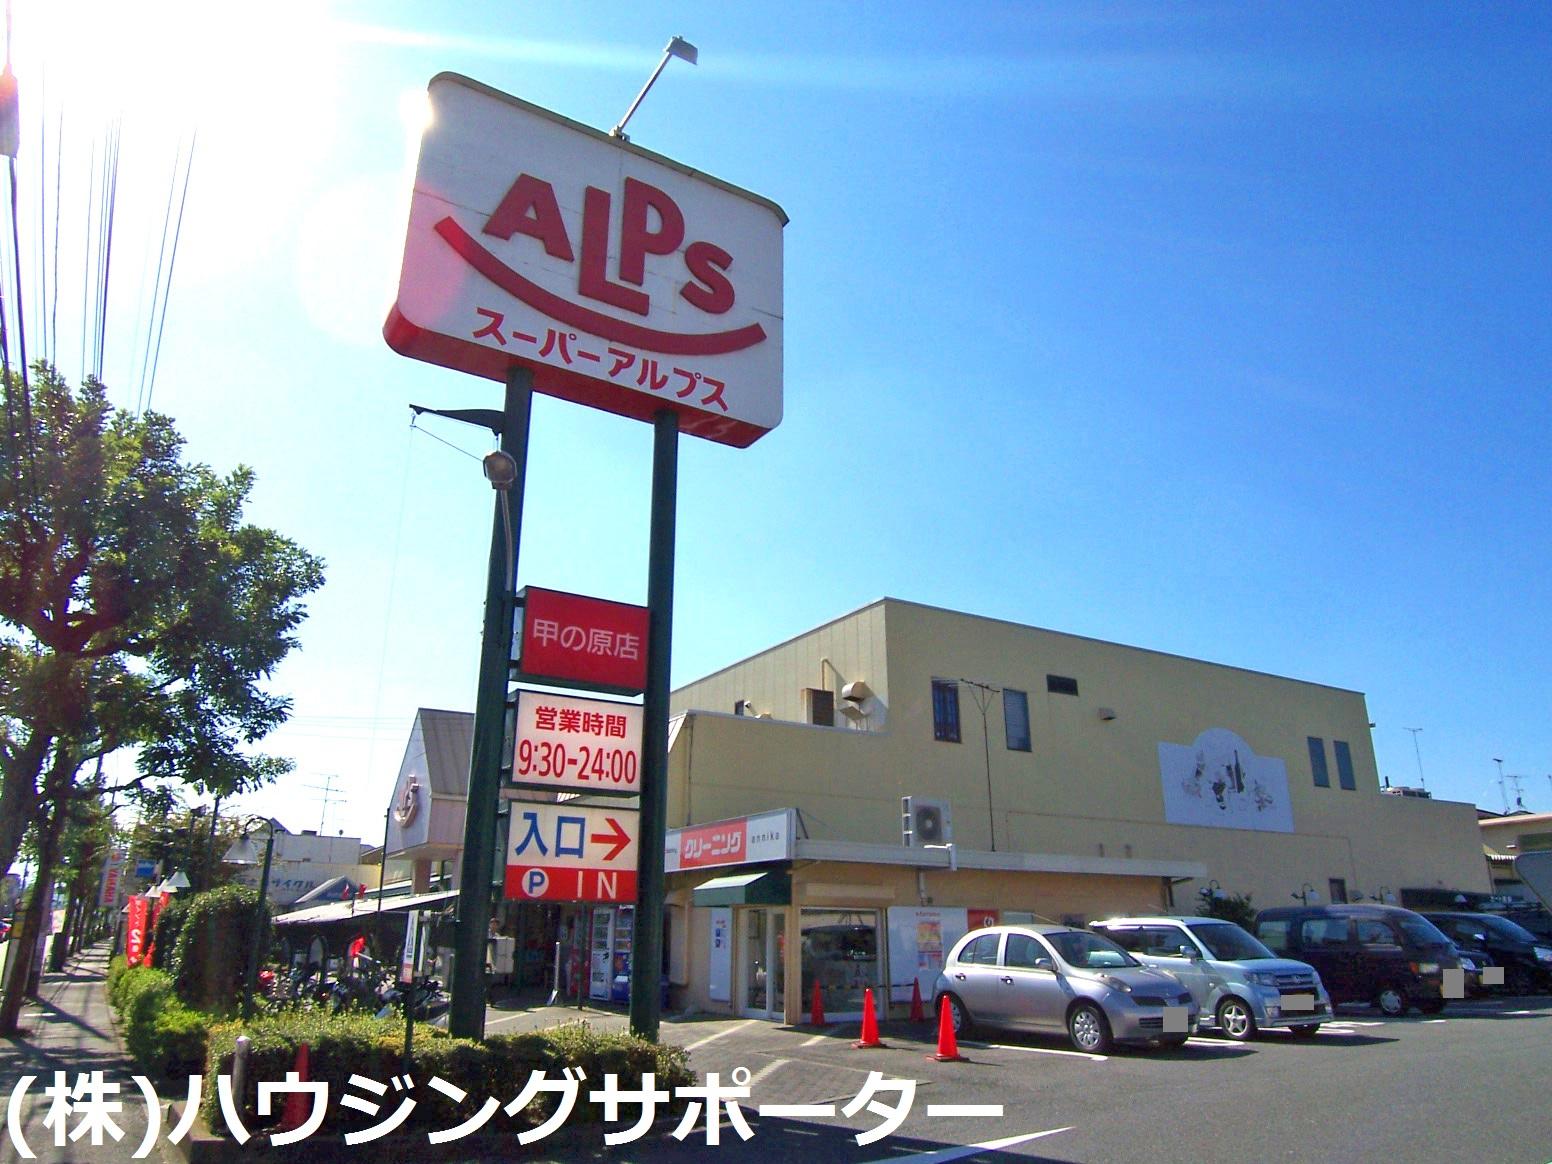 スーパー:スーパーアルプス 甲の原店 308m